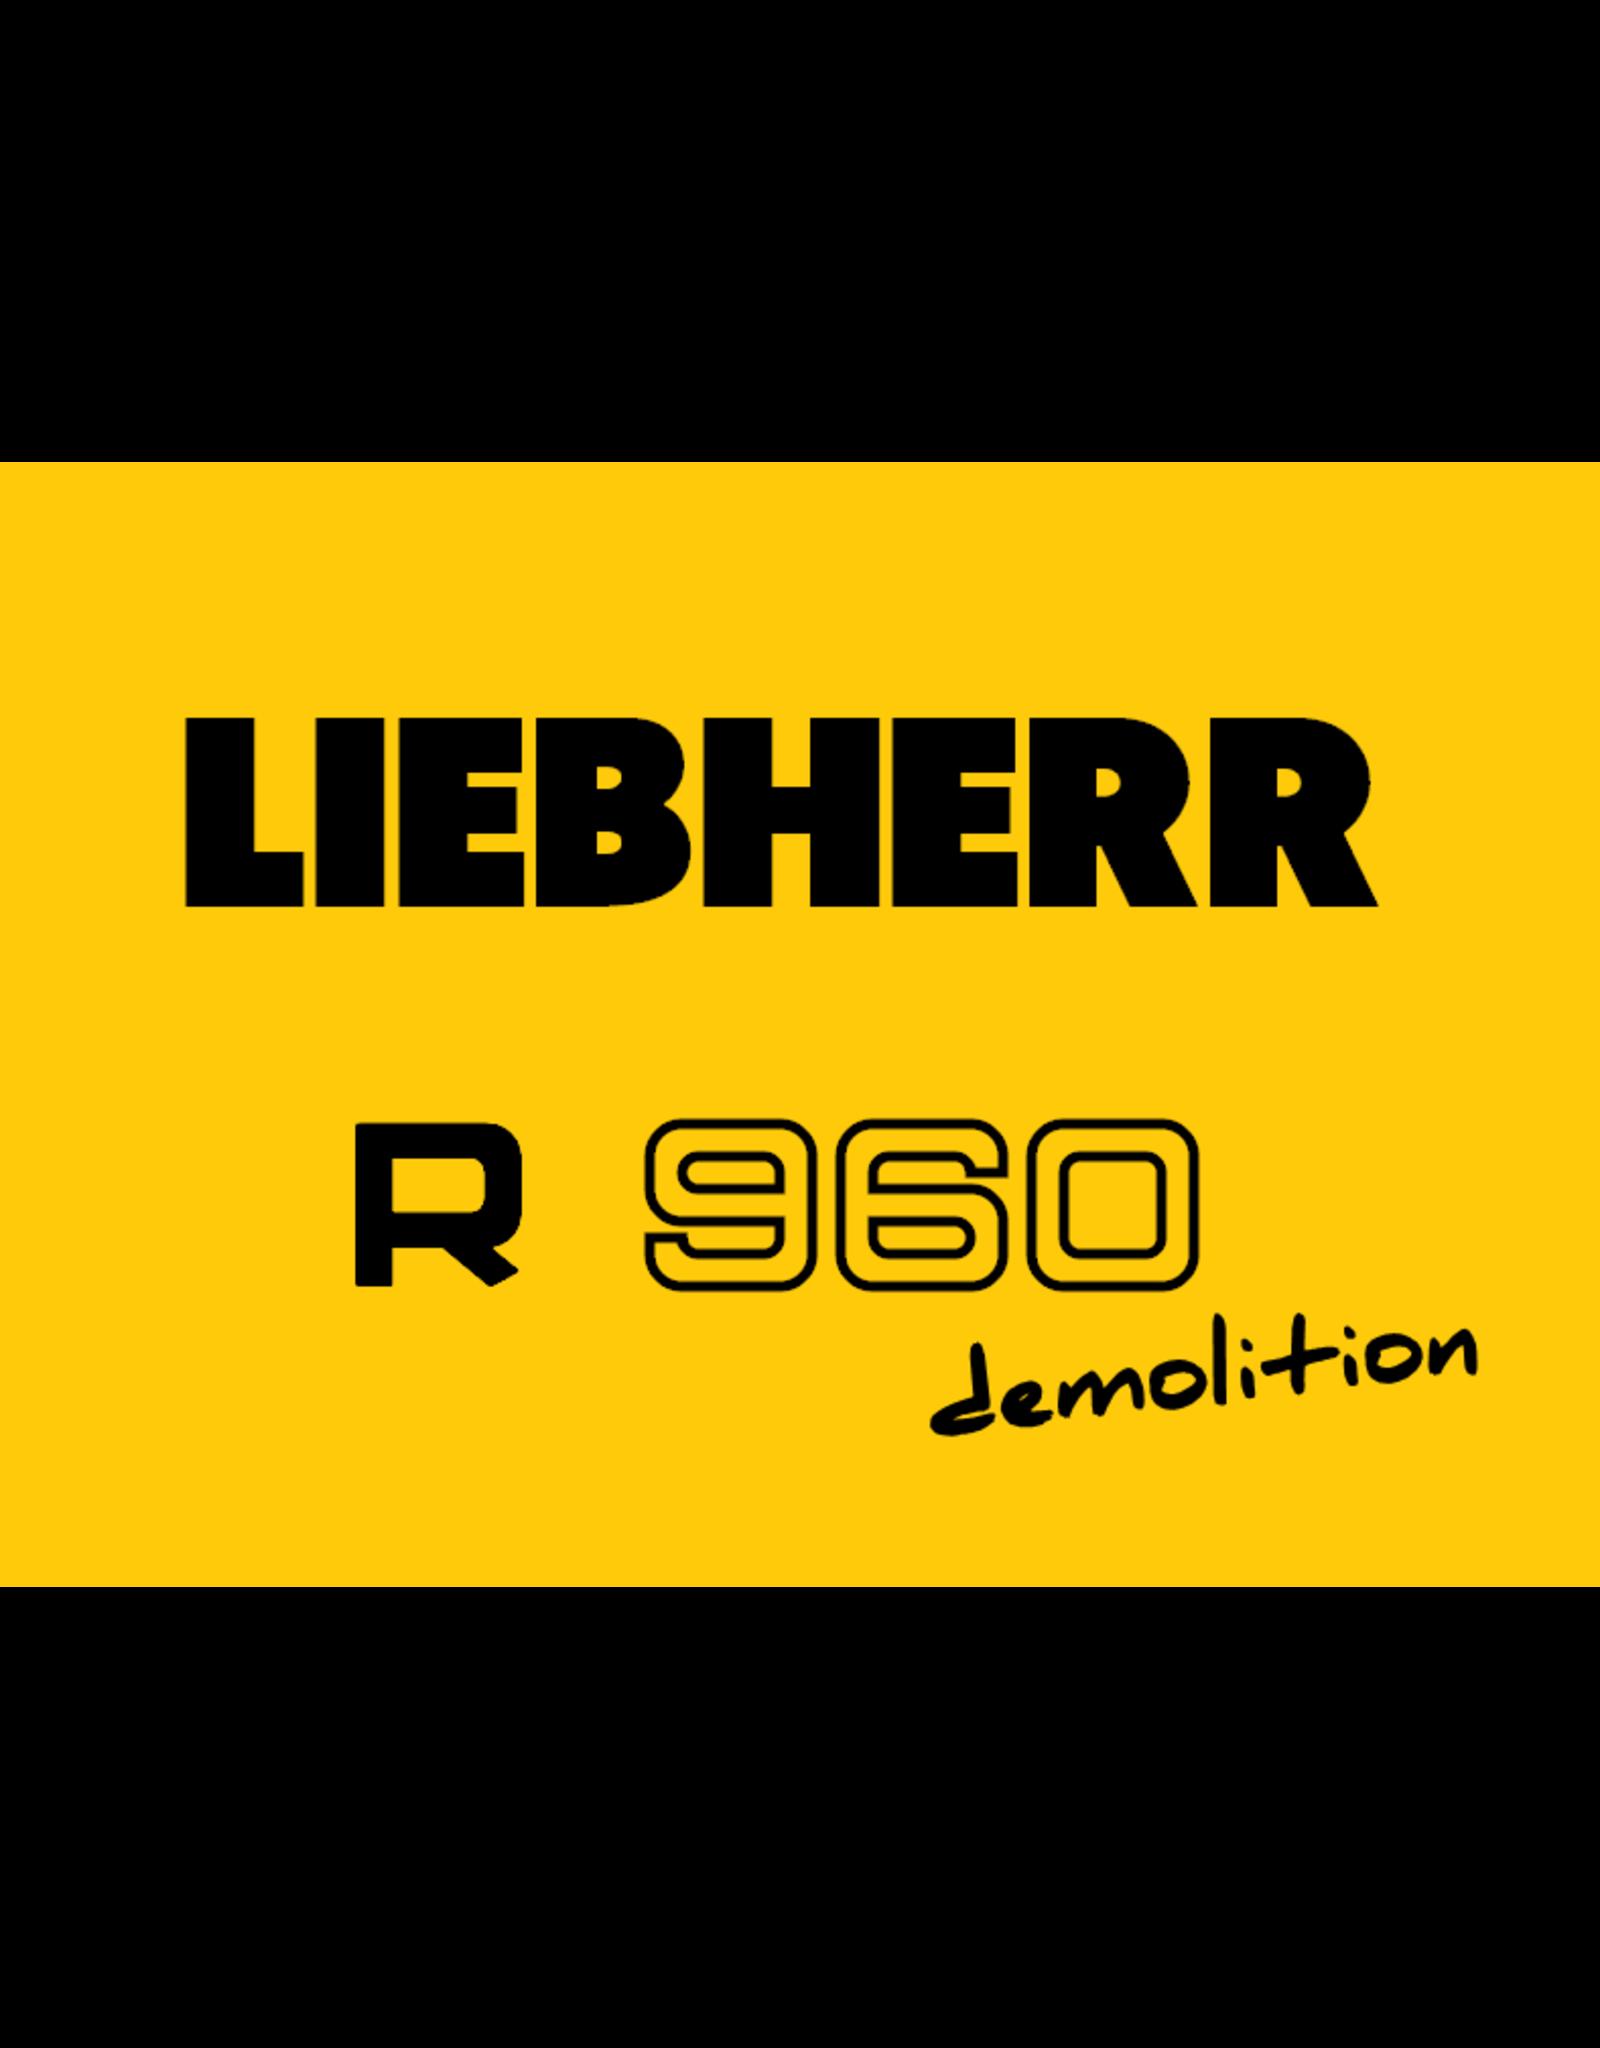 Echle Hartstahl GmbH FOPS für Liebherr R 960 Demolition